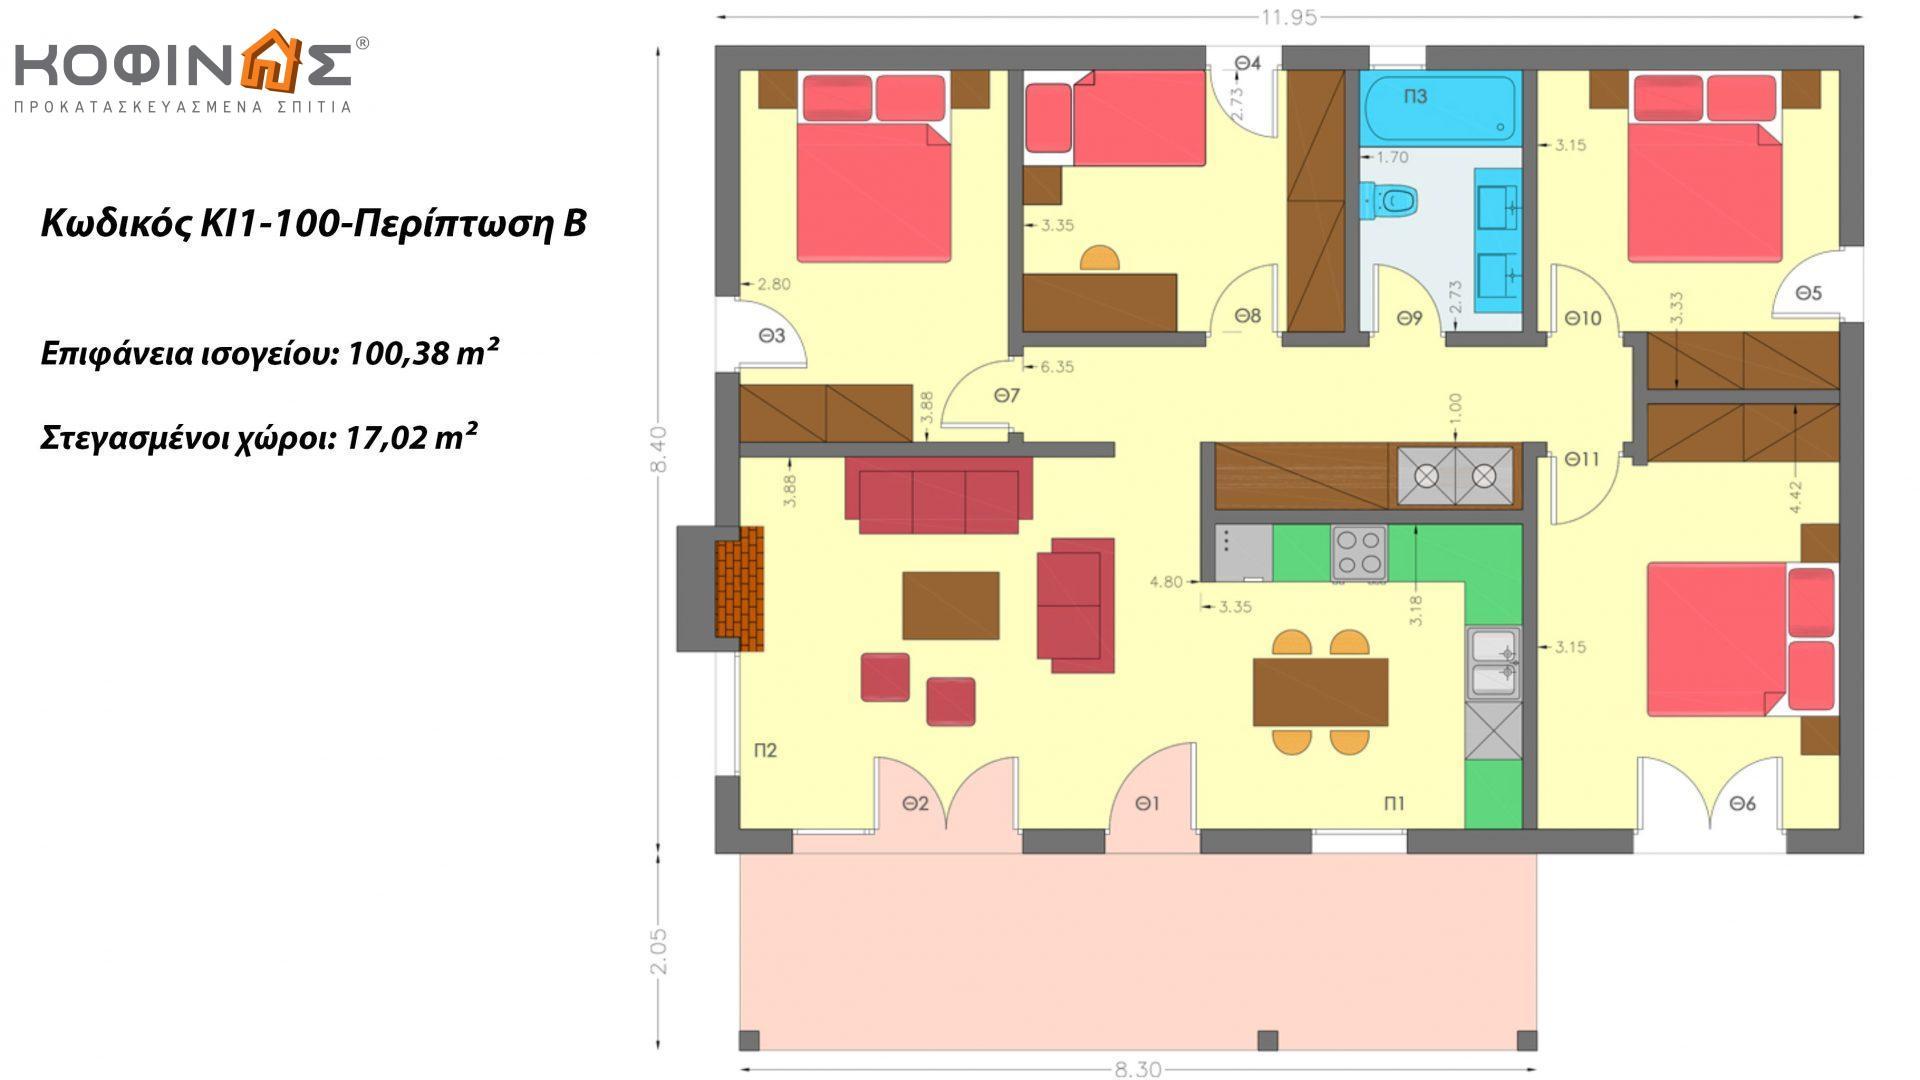 Ισόγεια Κατοικία ΚI1-100 συνολικής επιφάνειας 100,38 τ.μ., στεγασμένοι χώροι 17,02 τ.μ